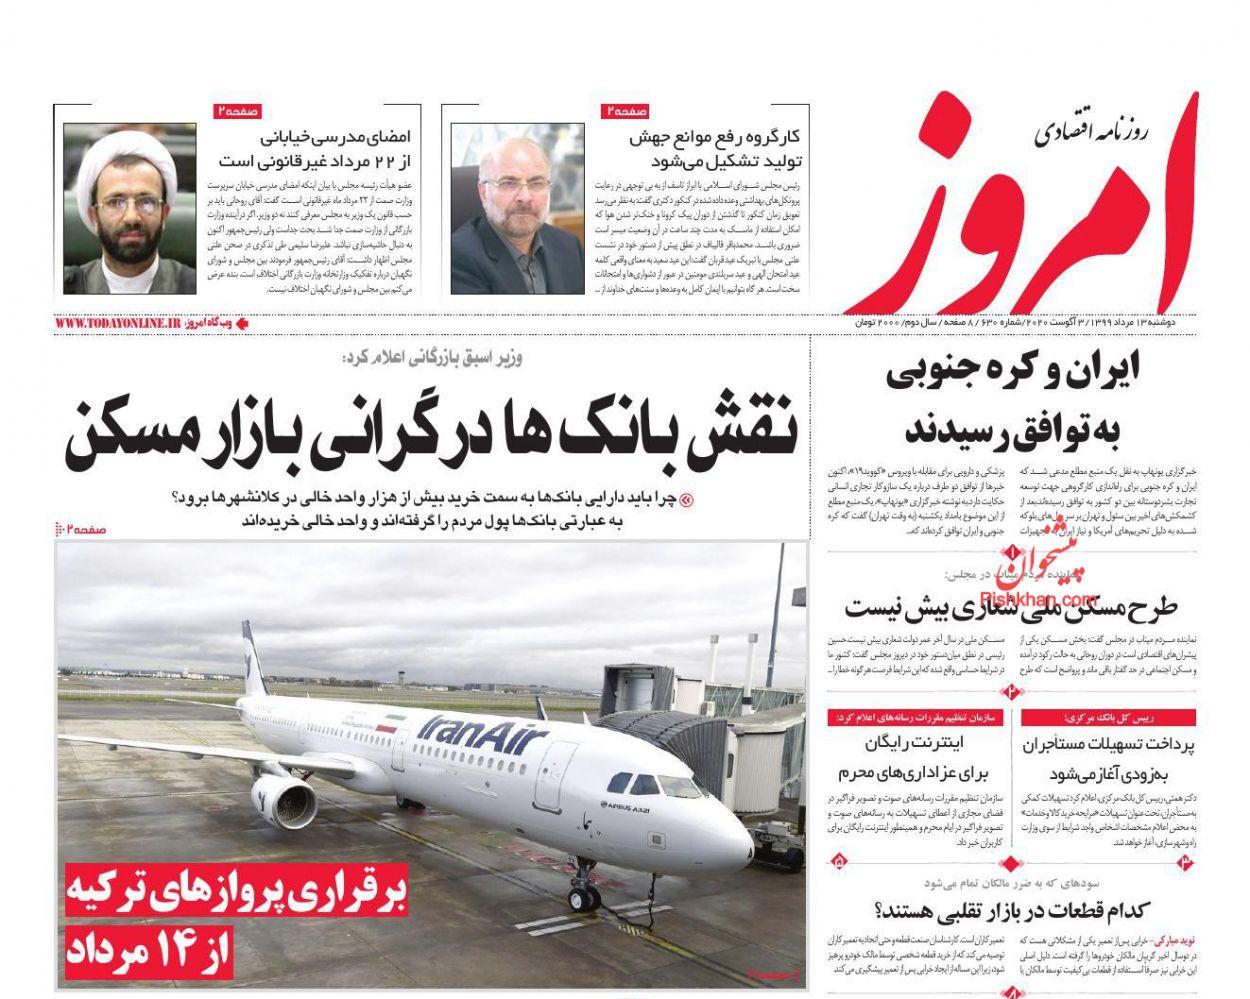 عناوین اخبار روزنامه امروز در روز دوشنبه ۱۳ مرداد